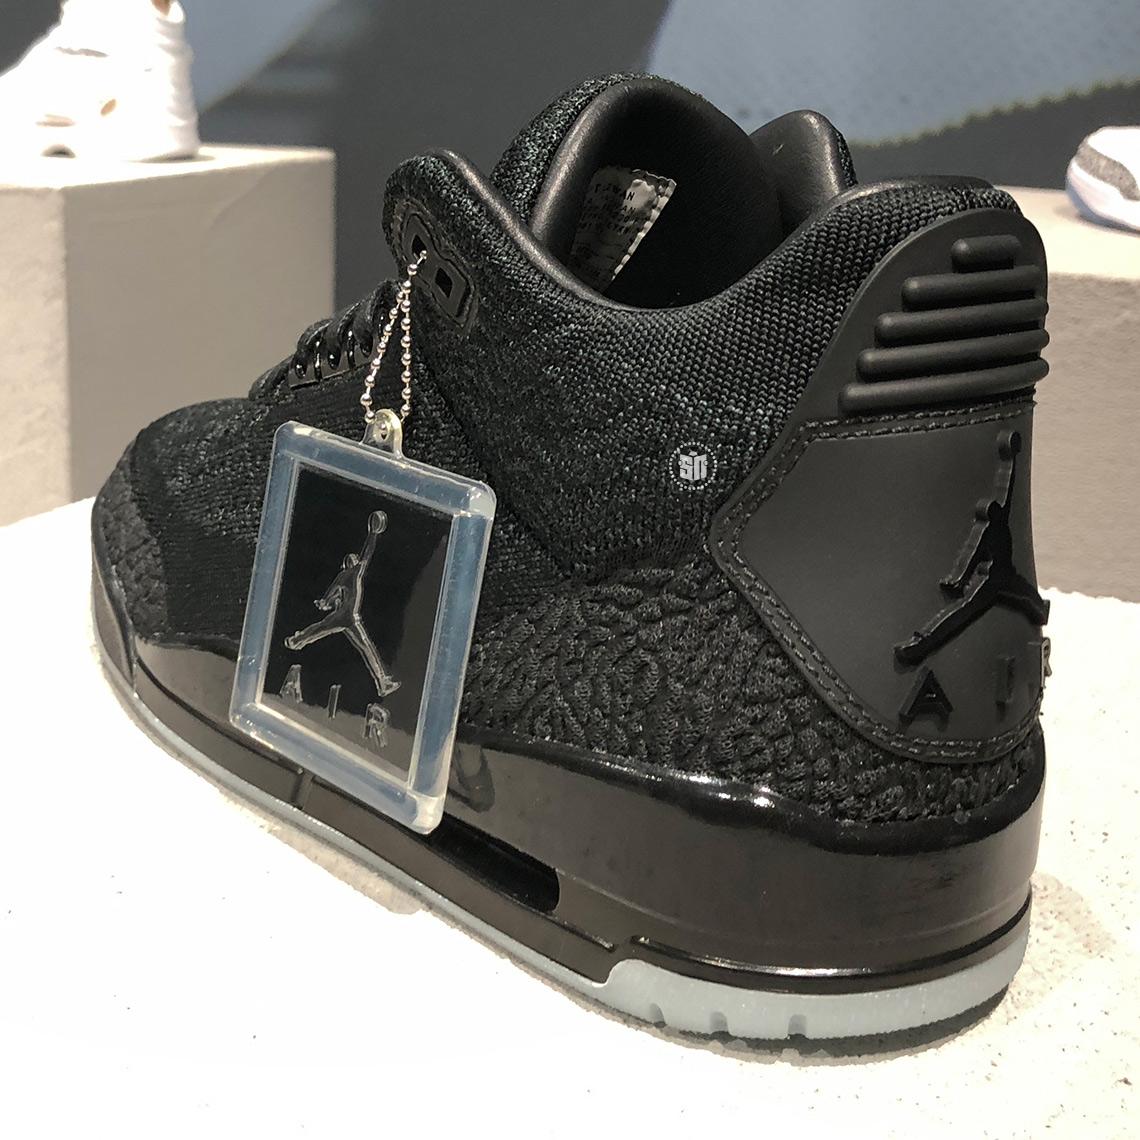 36bb0b45f047b Air Jordan 3 Flyknit - First Look